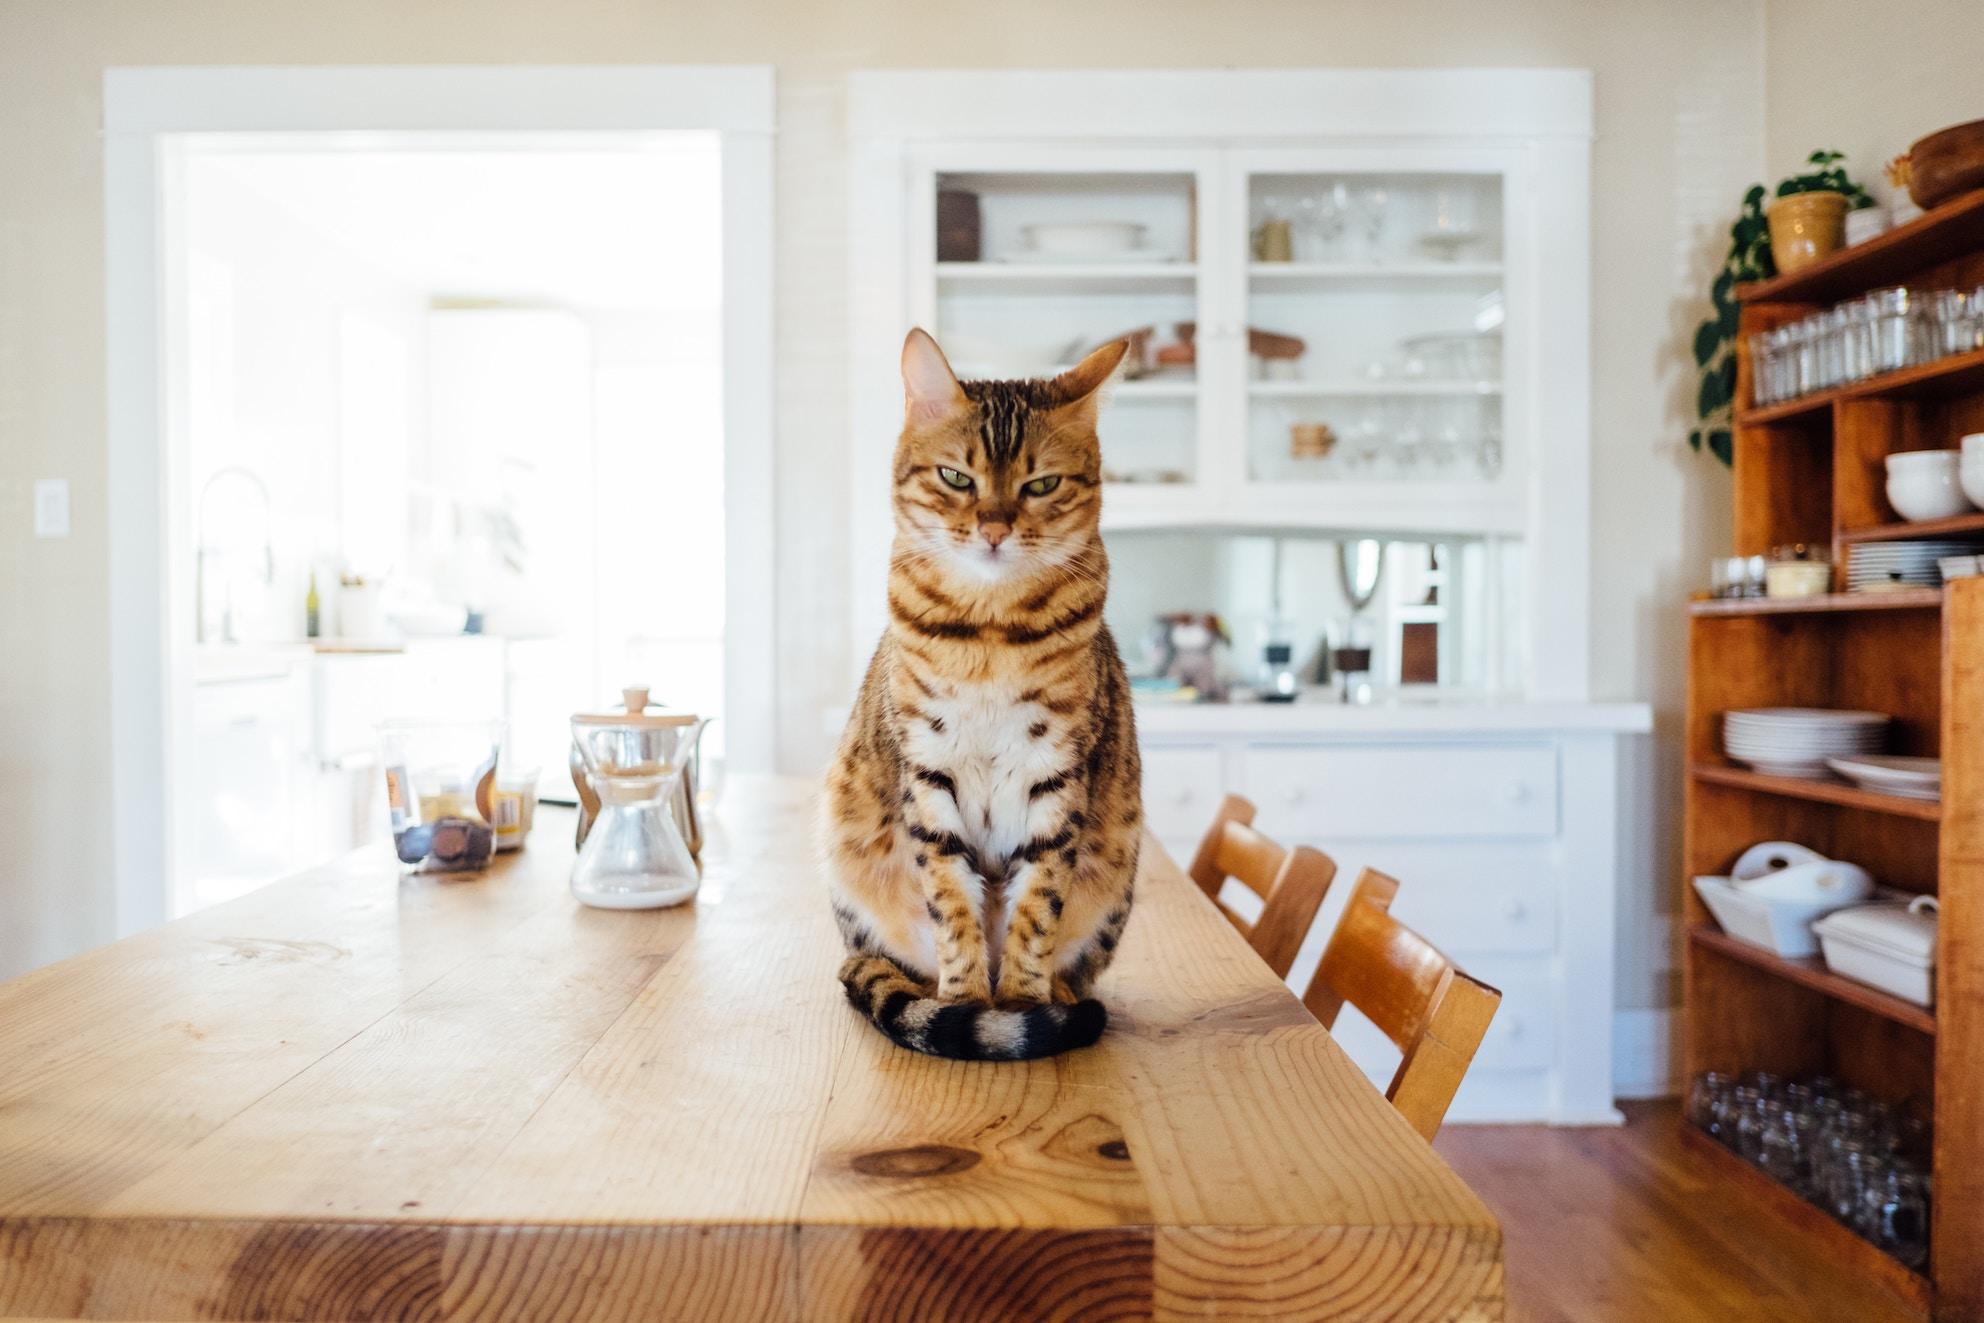 Katze mit skeptischem Gesichtsausdruck sitzt auf einem Holztisch, im Hintergrund ein Küchenschrank mit Geschirr